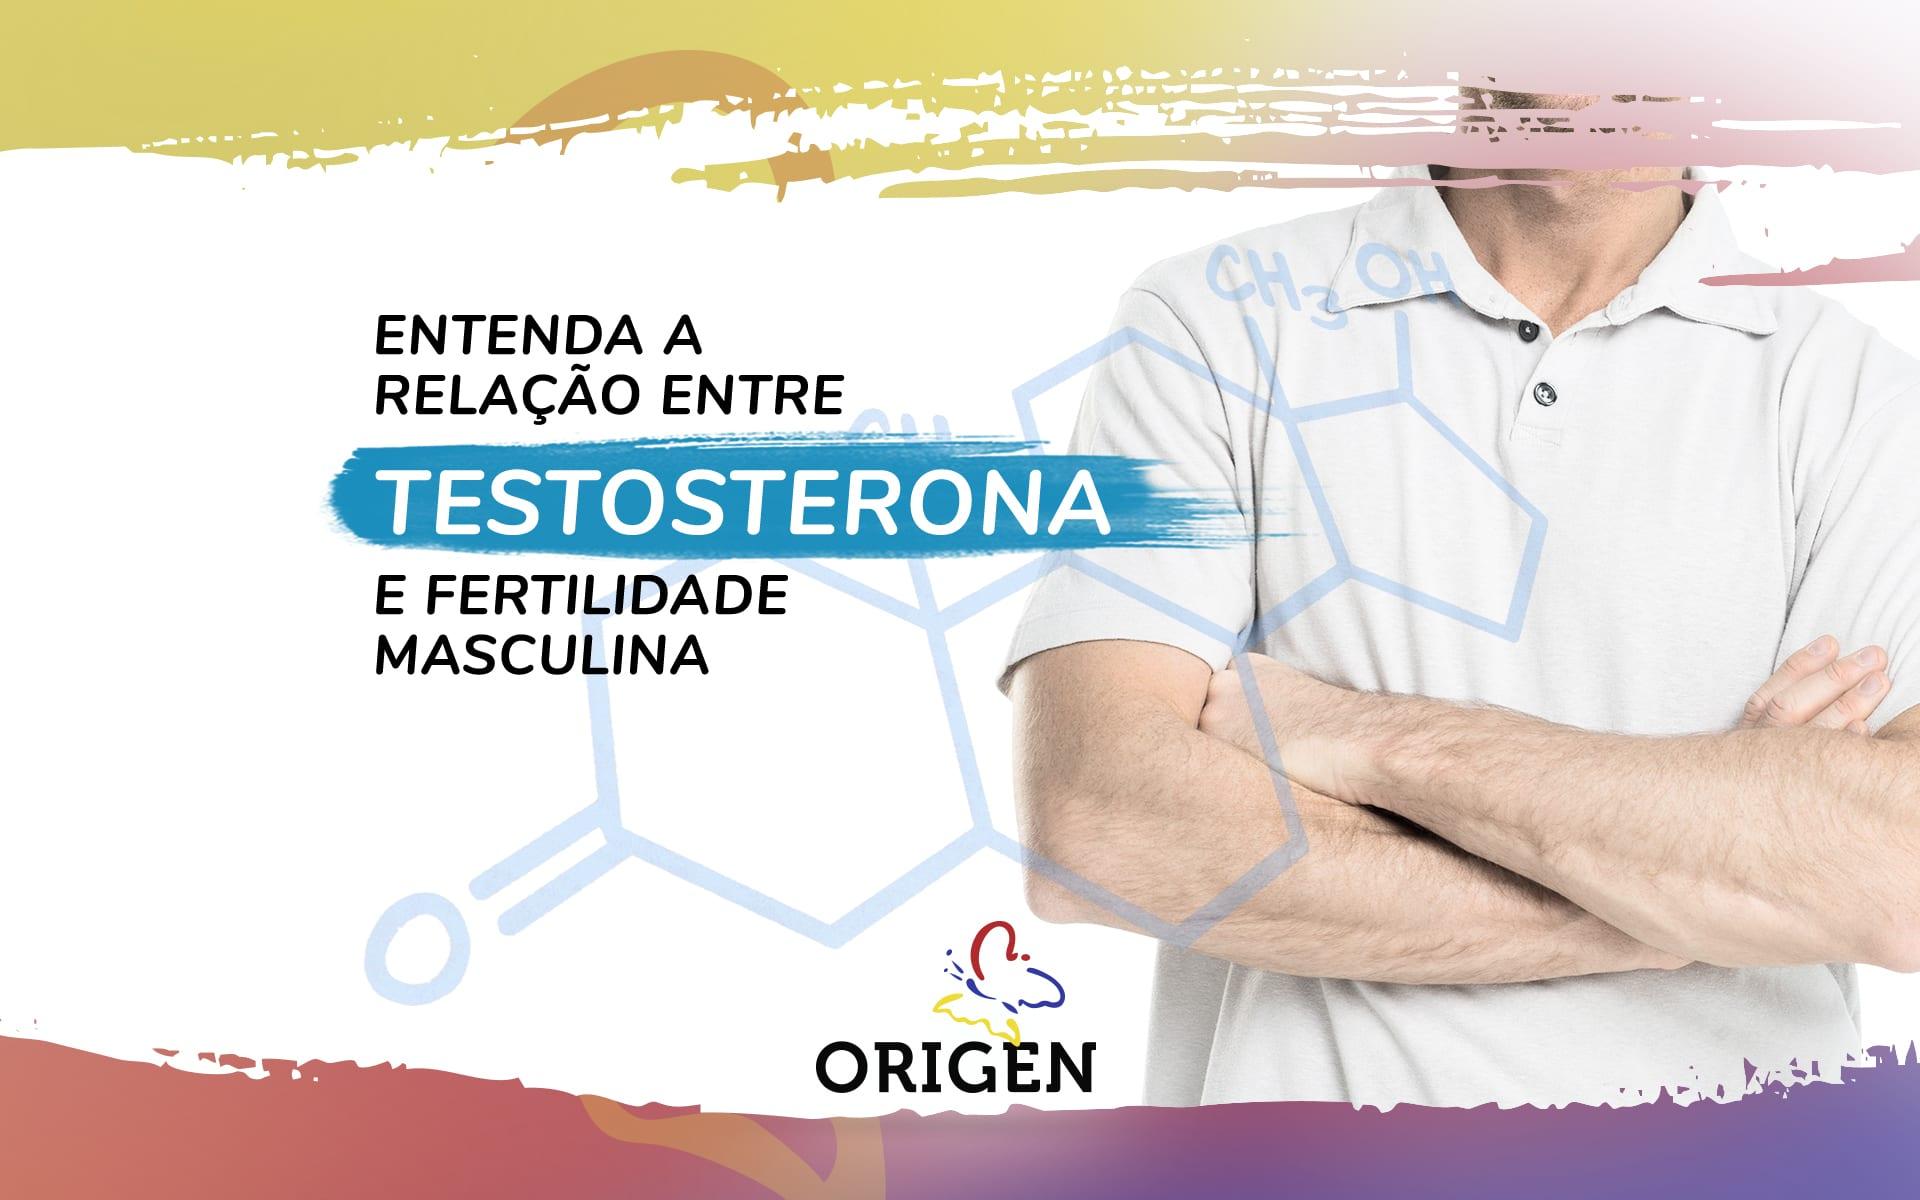 Fertilidade masculina e testosterona: entenda a relação